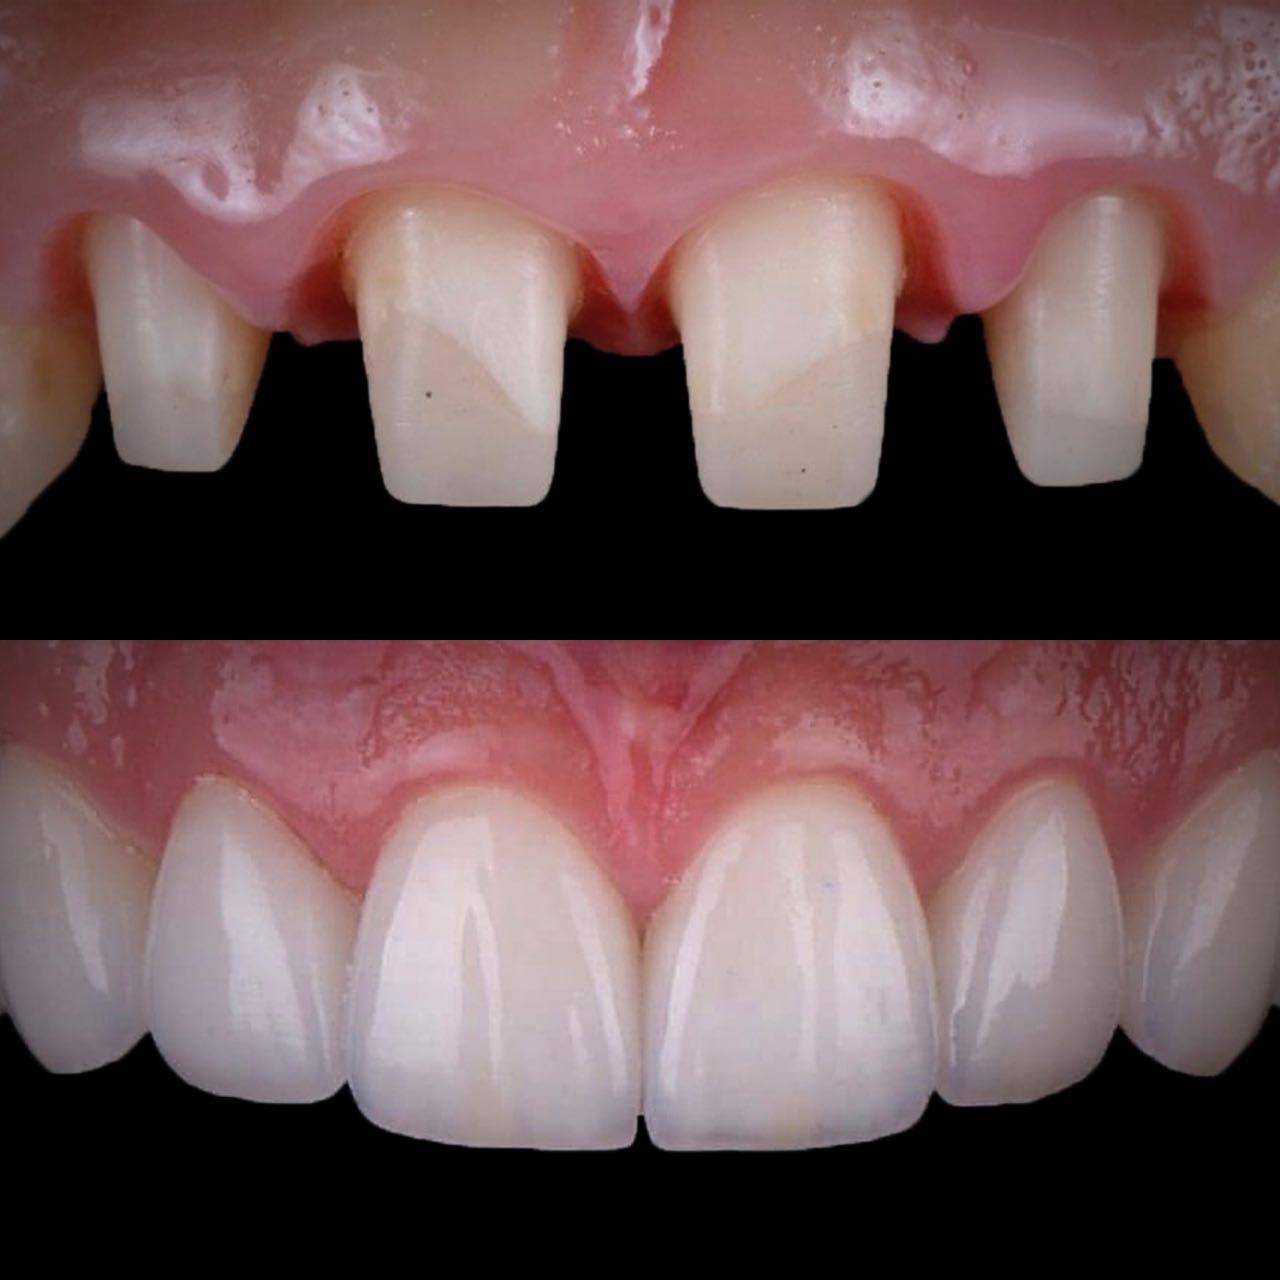 IMG D4ED04F6DCD8 3 - Керамічні зубні коронки